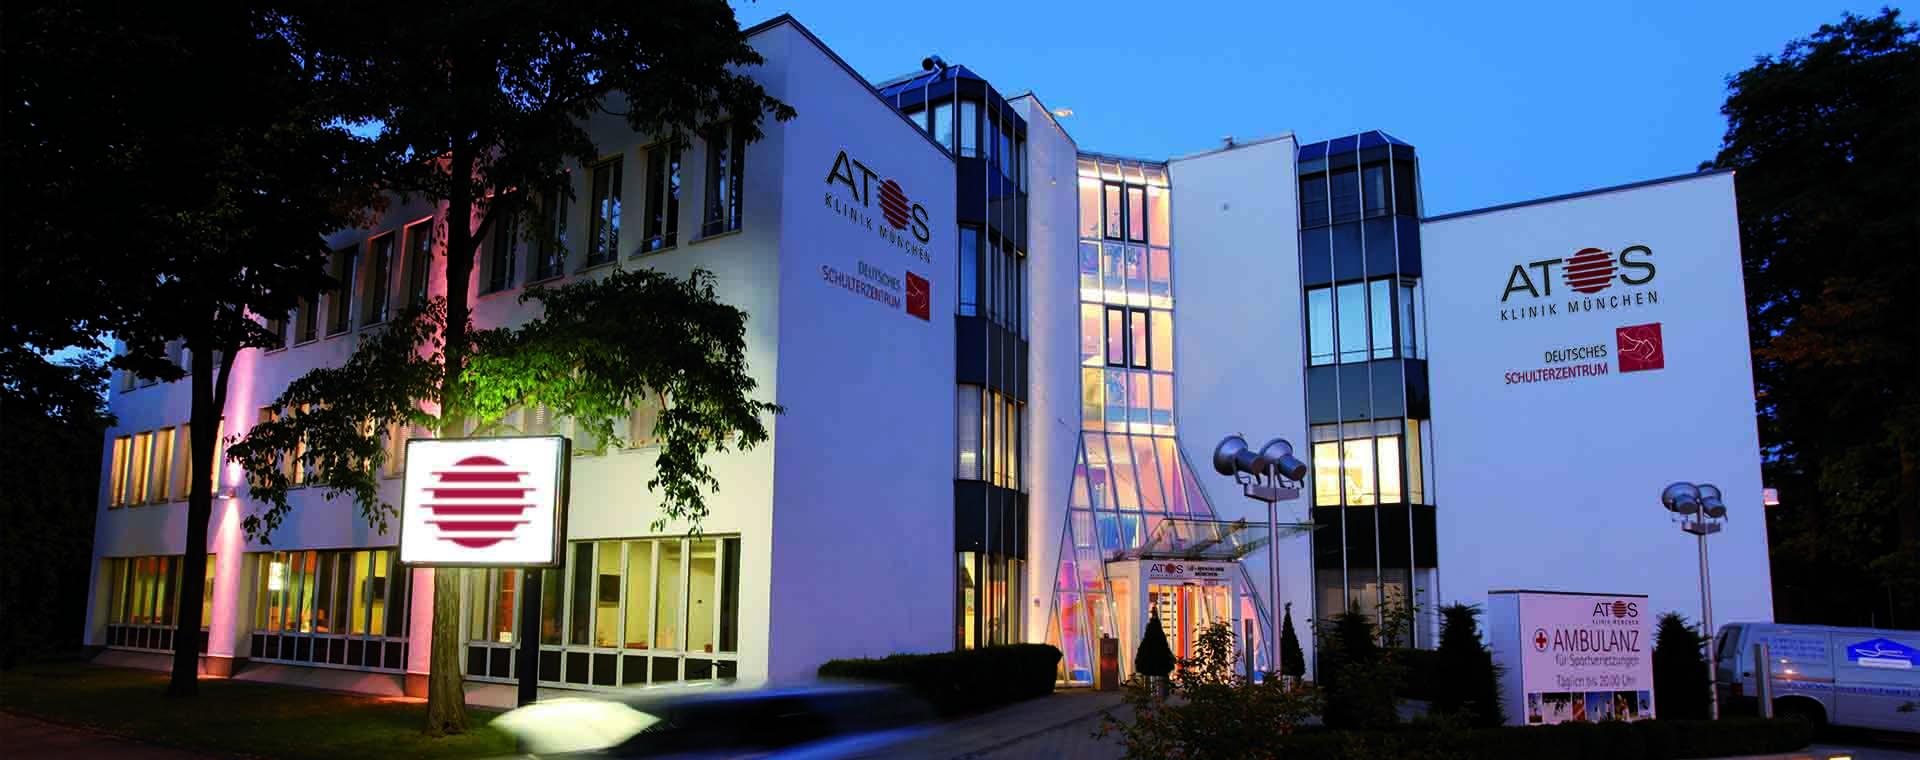 Atos Klinik München Kassenpatient